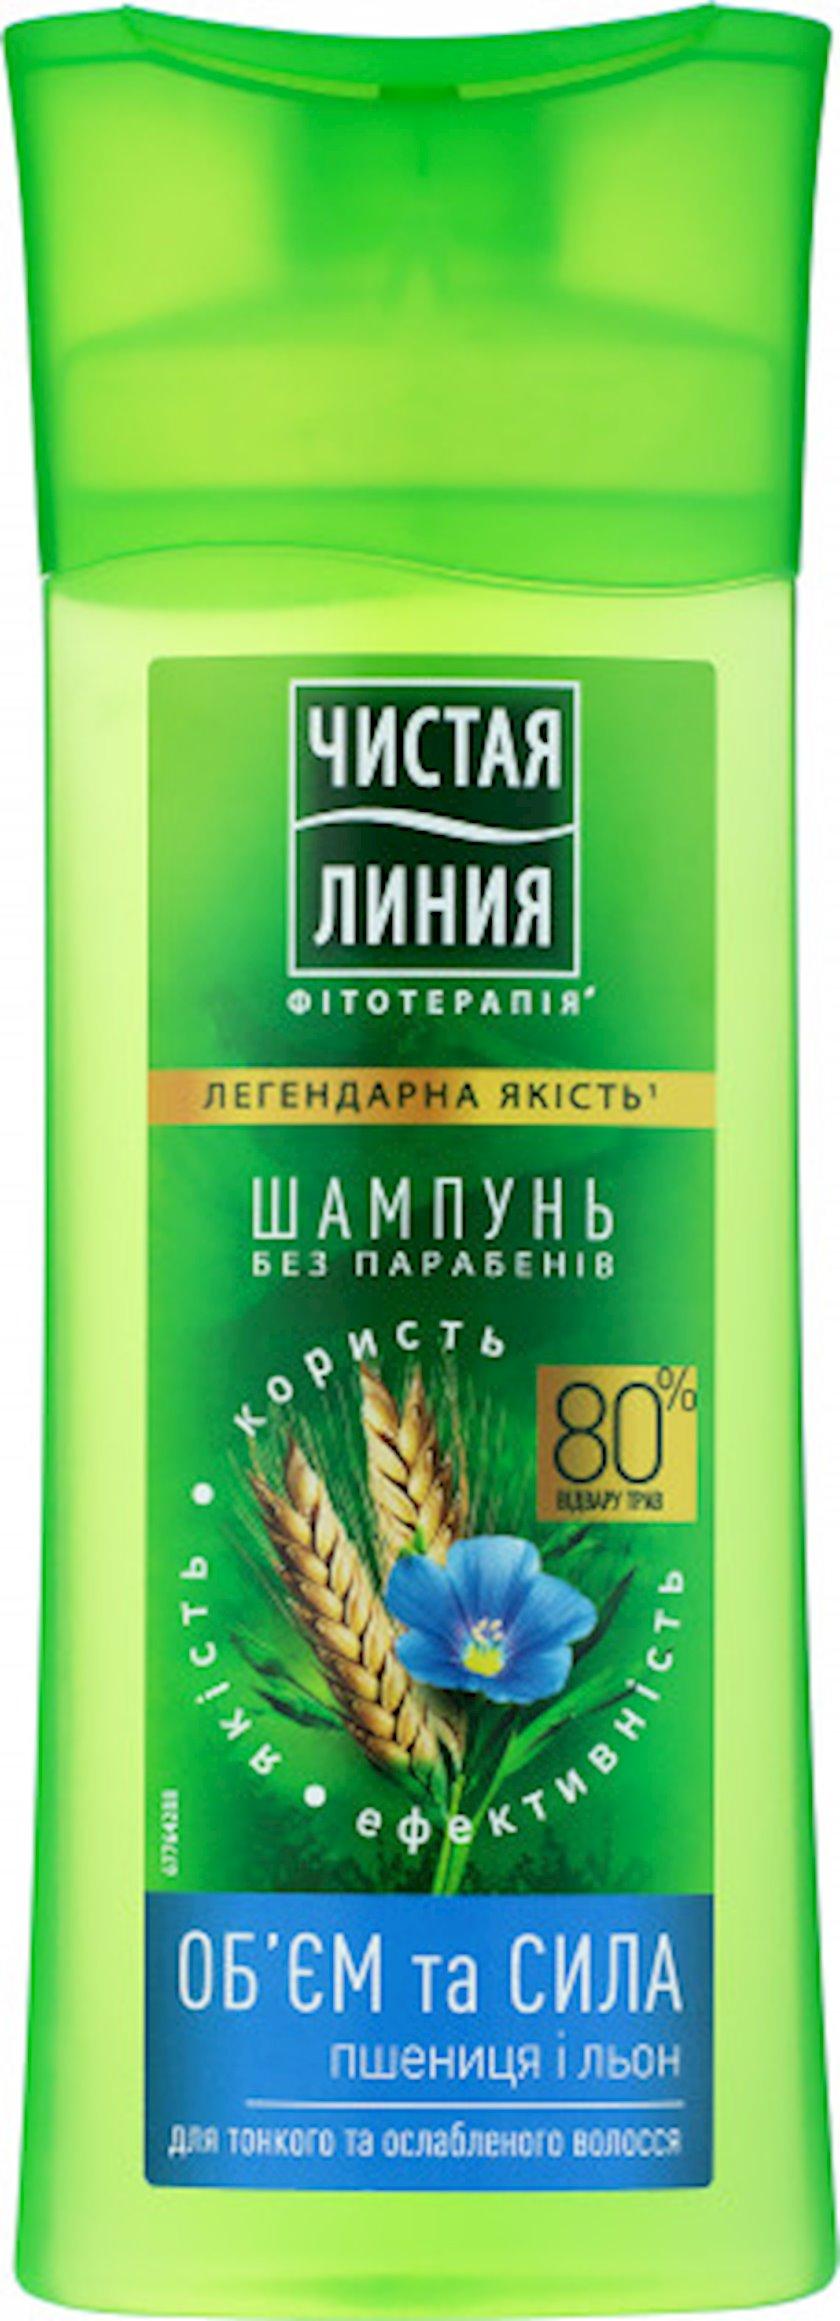 Şampun Чистая Линия nazik və cansız saçlar üçün, buğda ilə, 250 ml